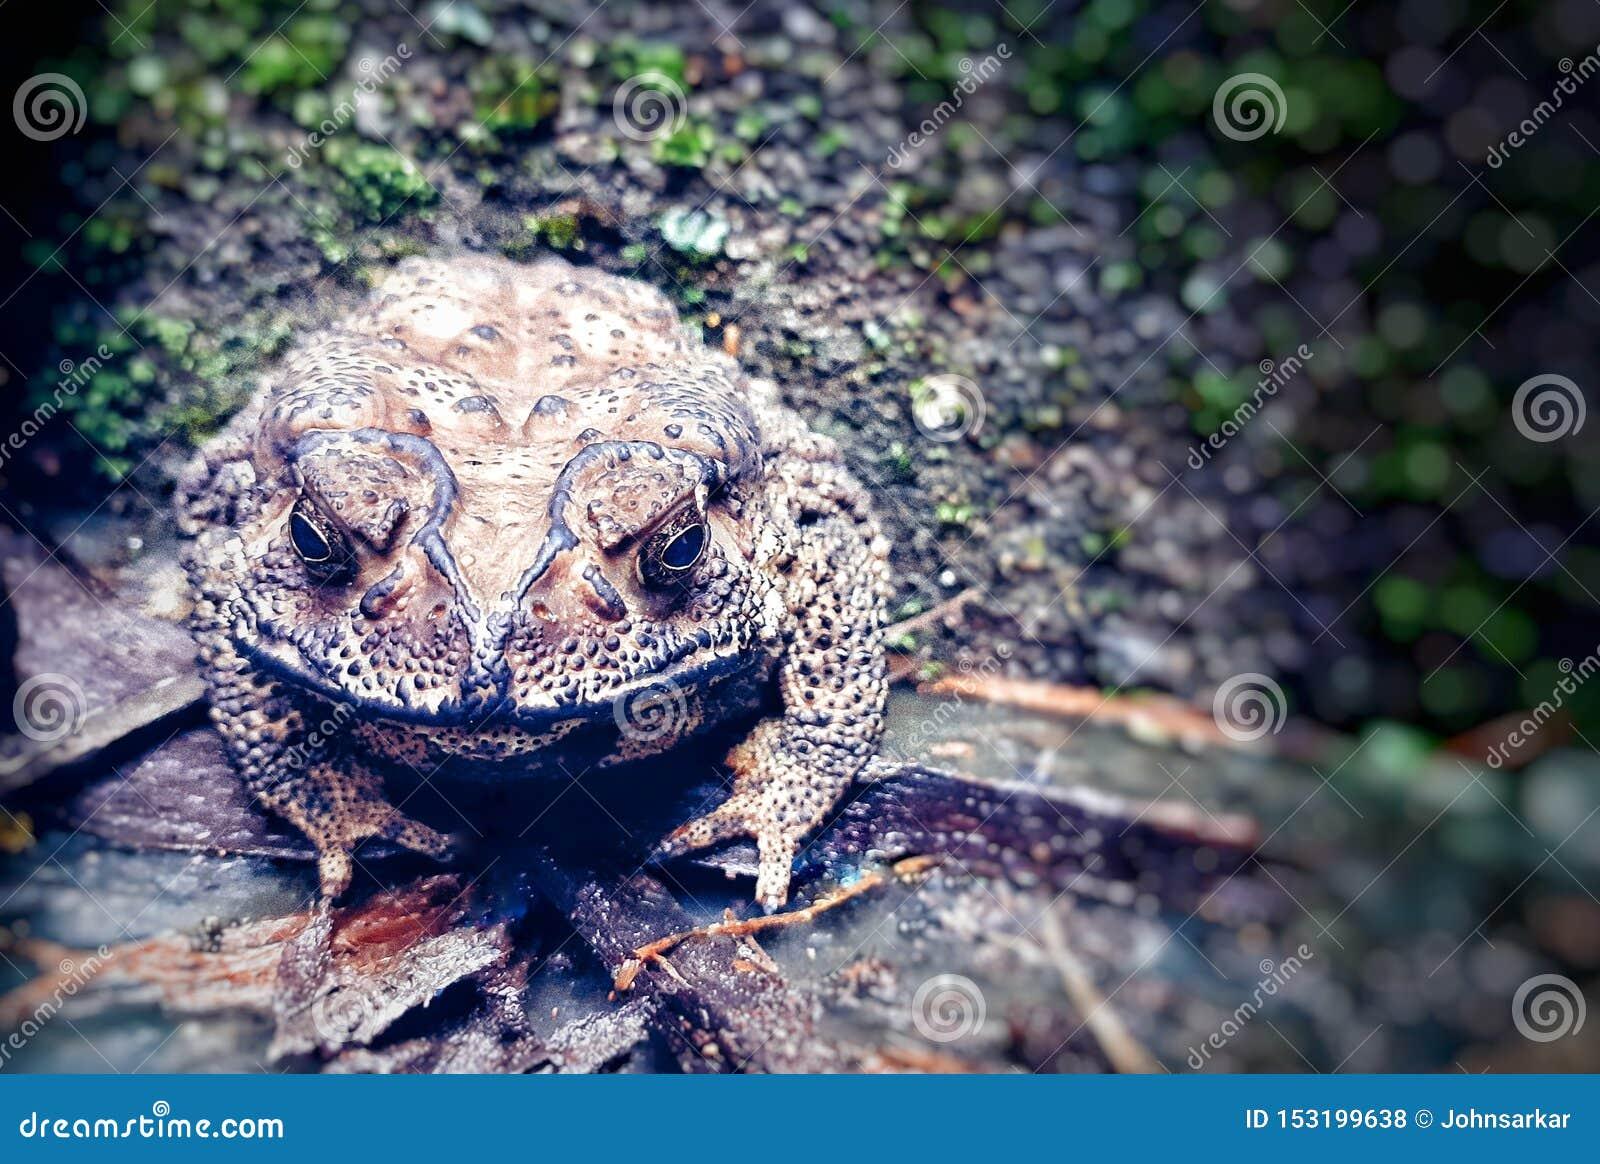 一只懒惰青蛙坐玻璃和木头